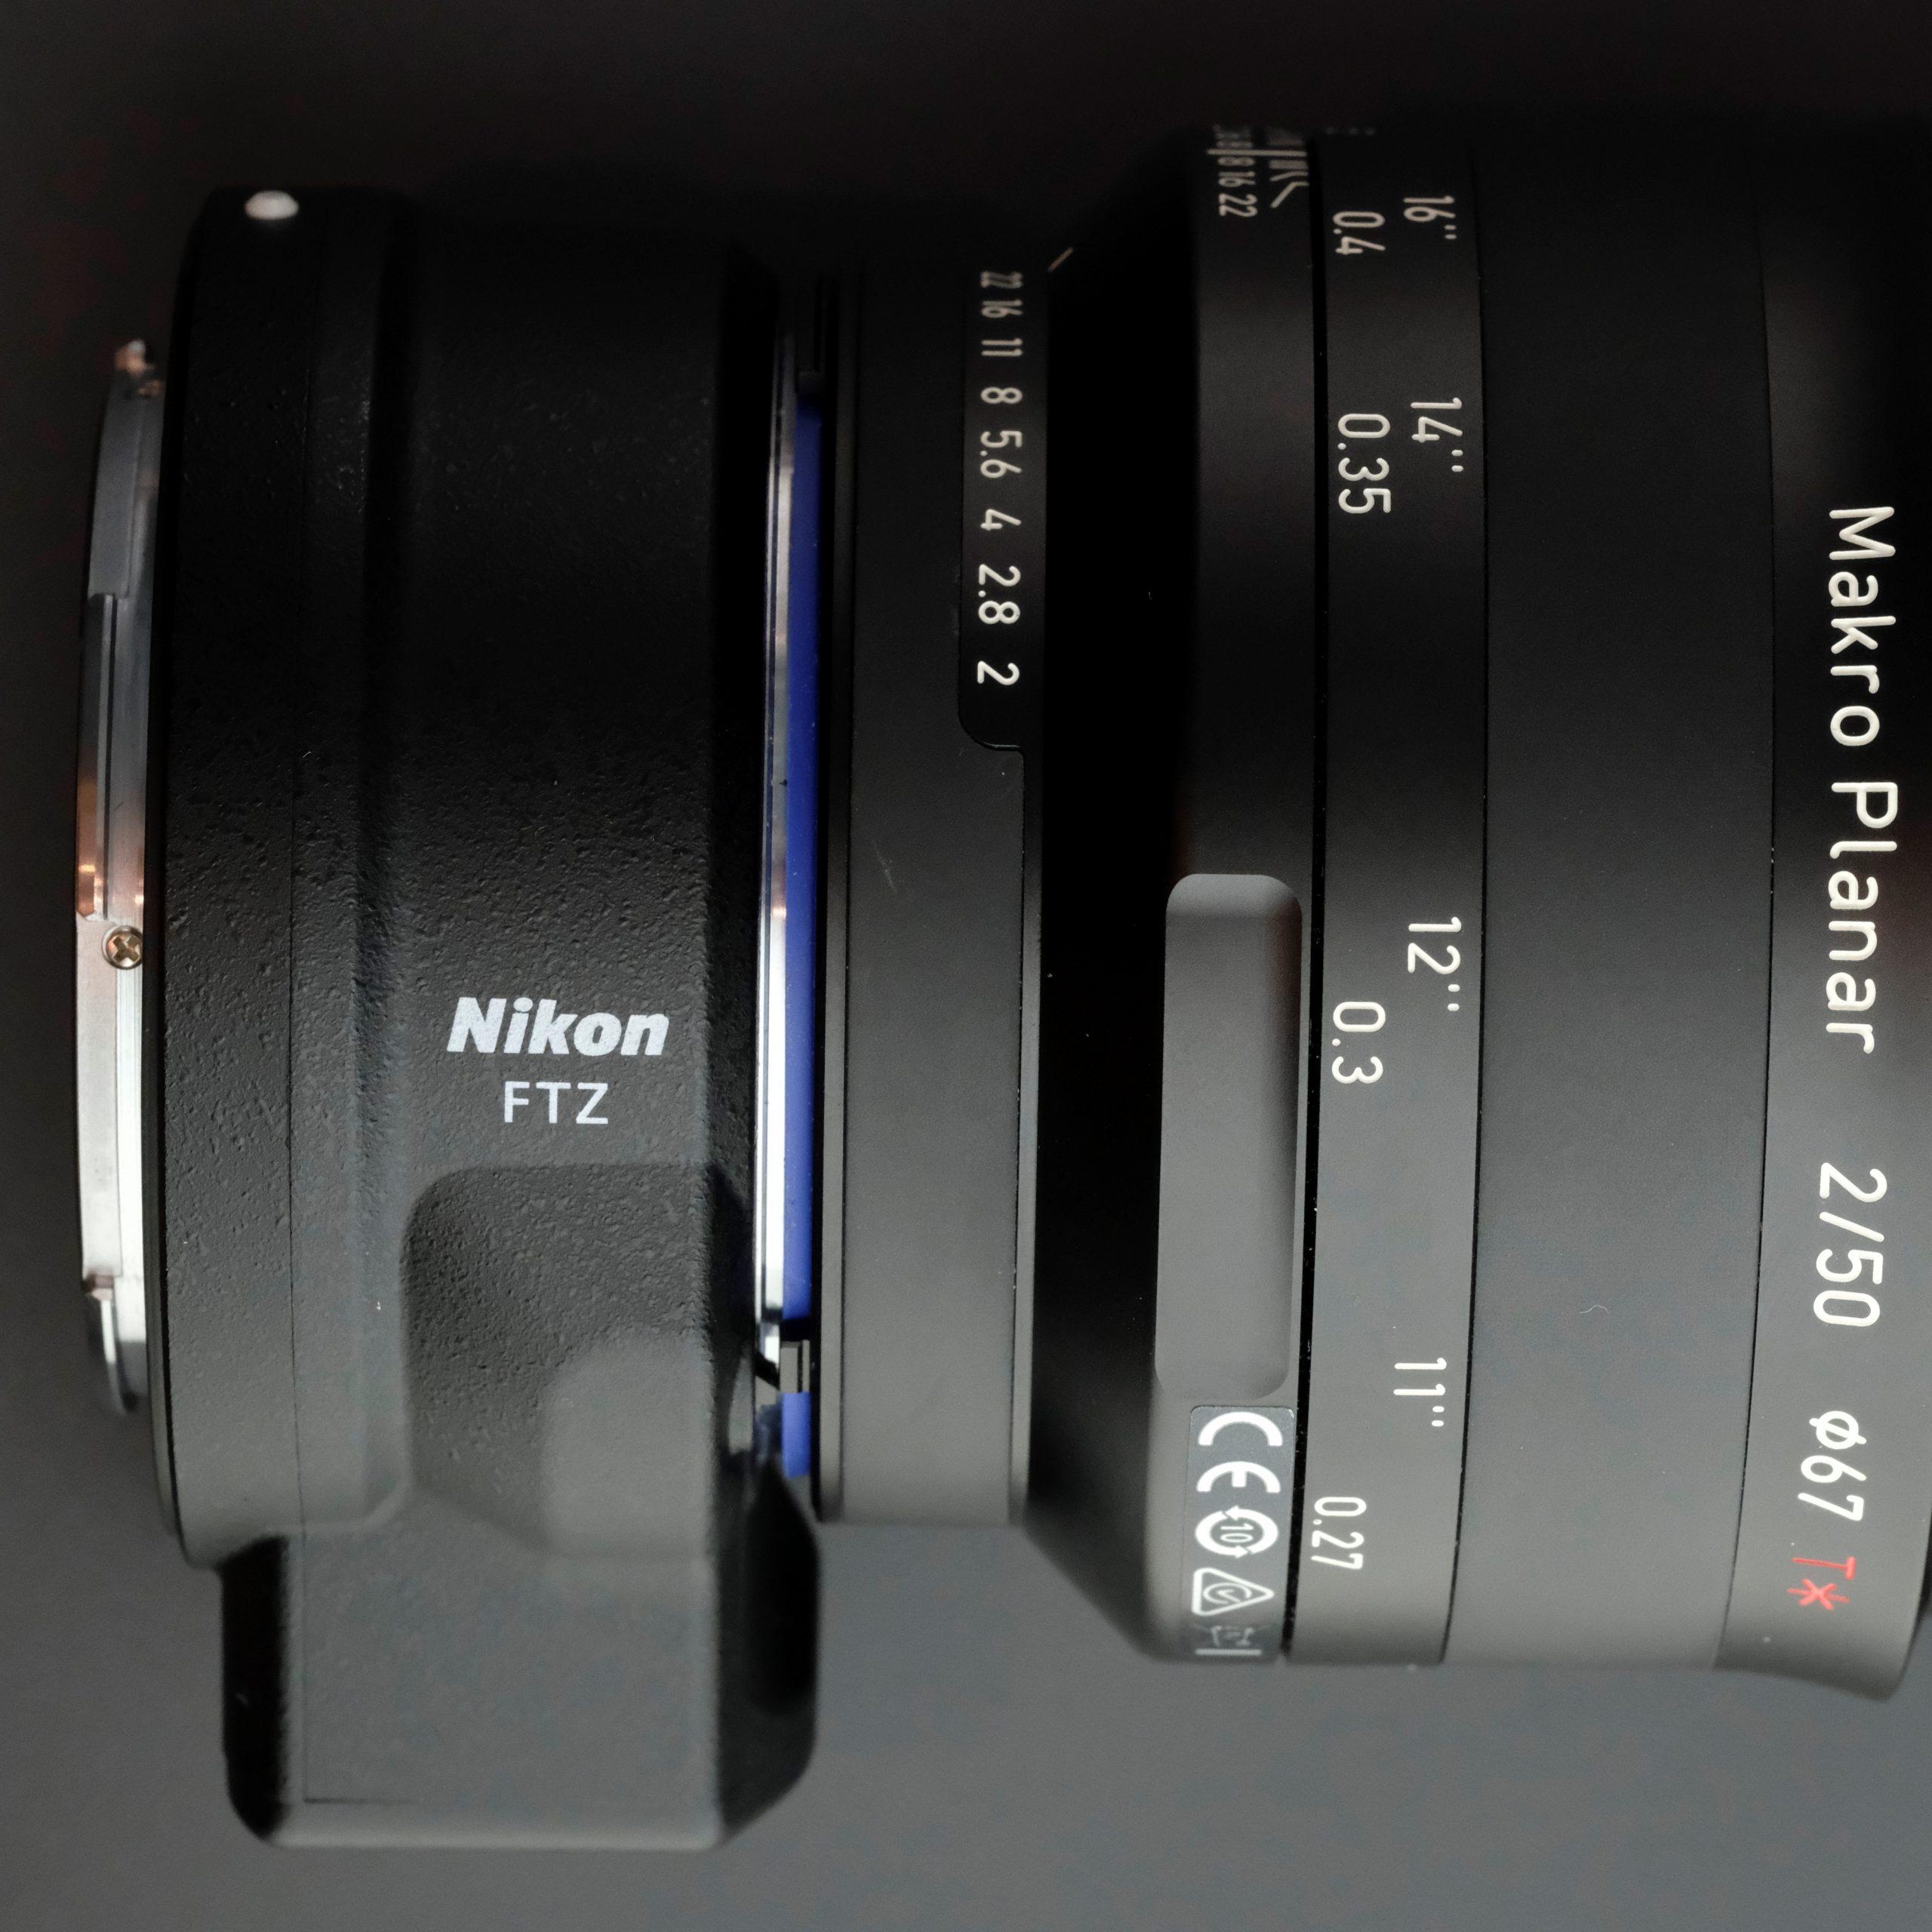 【Nikon】『Z5 × FTZの世界』サードパーティ系レンズ 動作確認リスト(9/3最新版)